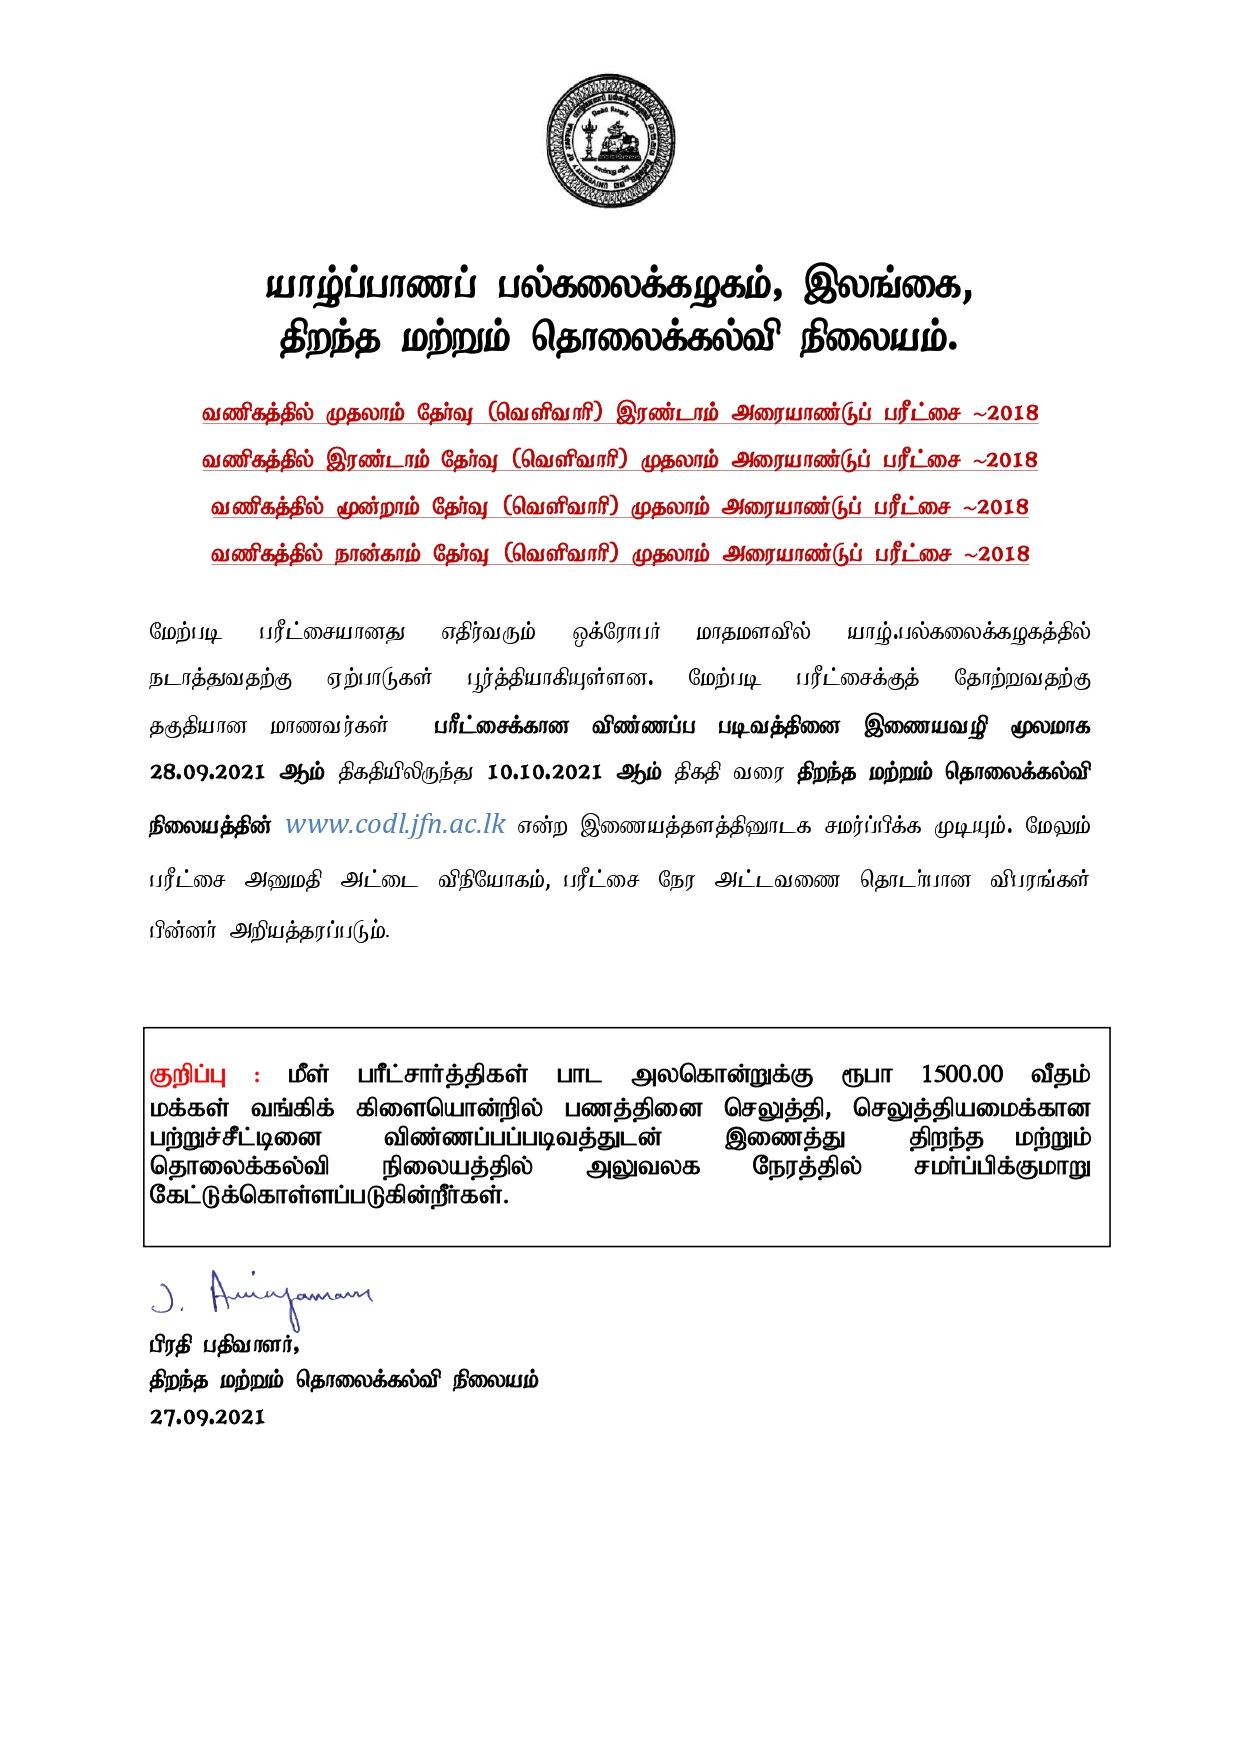 BCom Exam Application called online